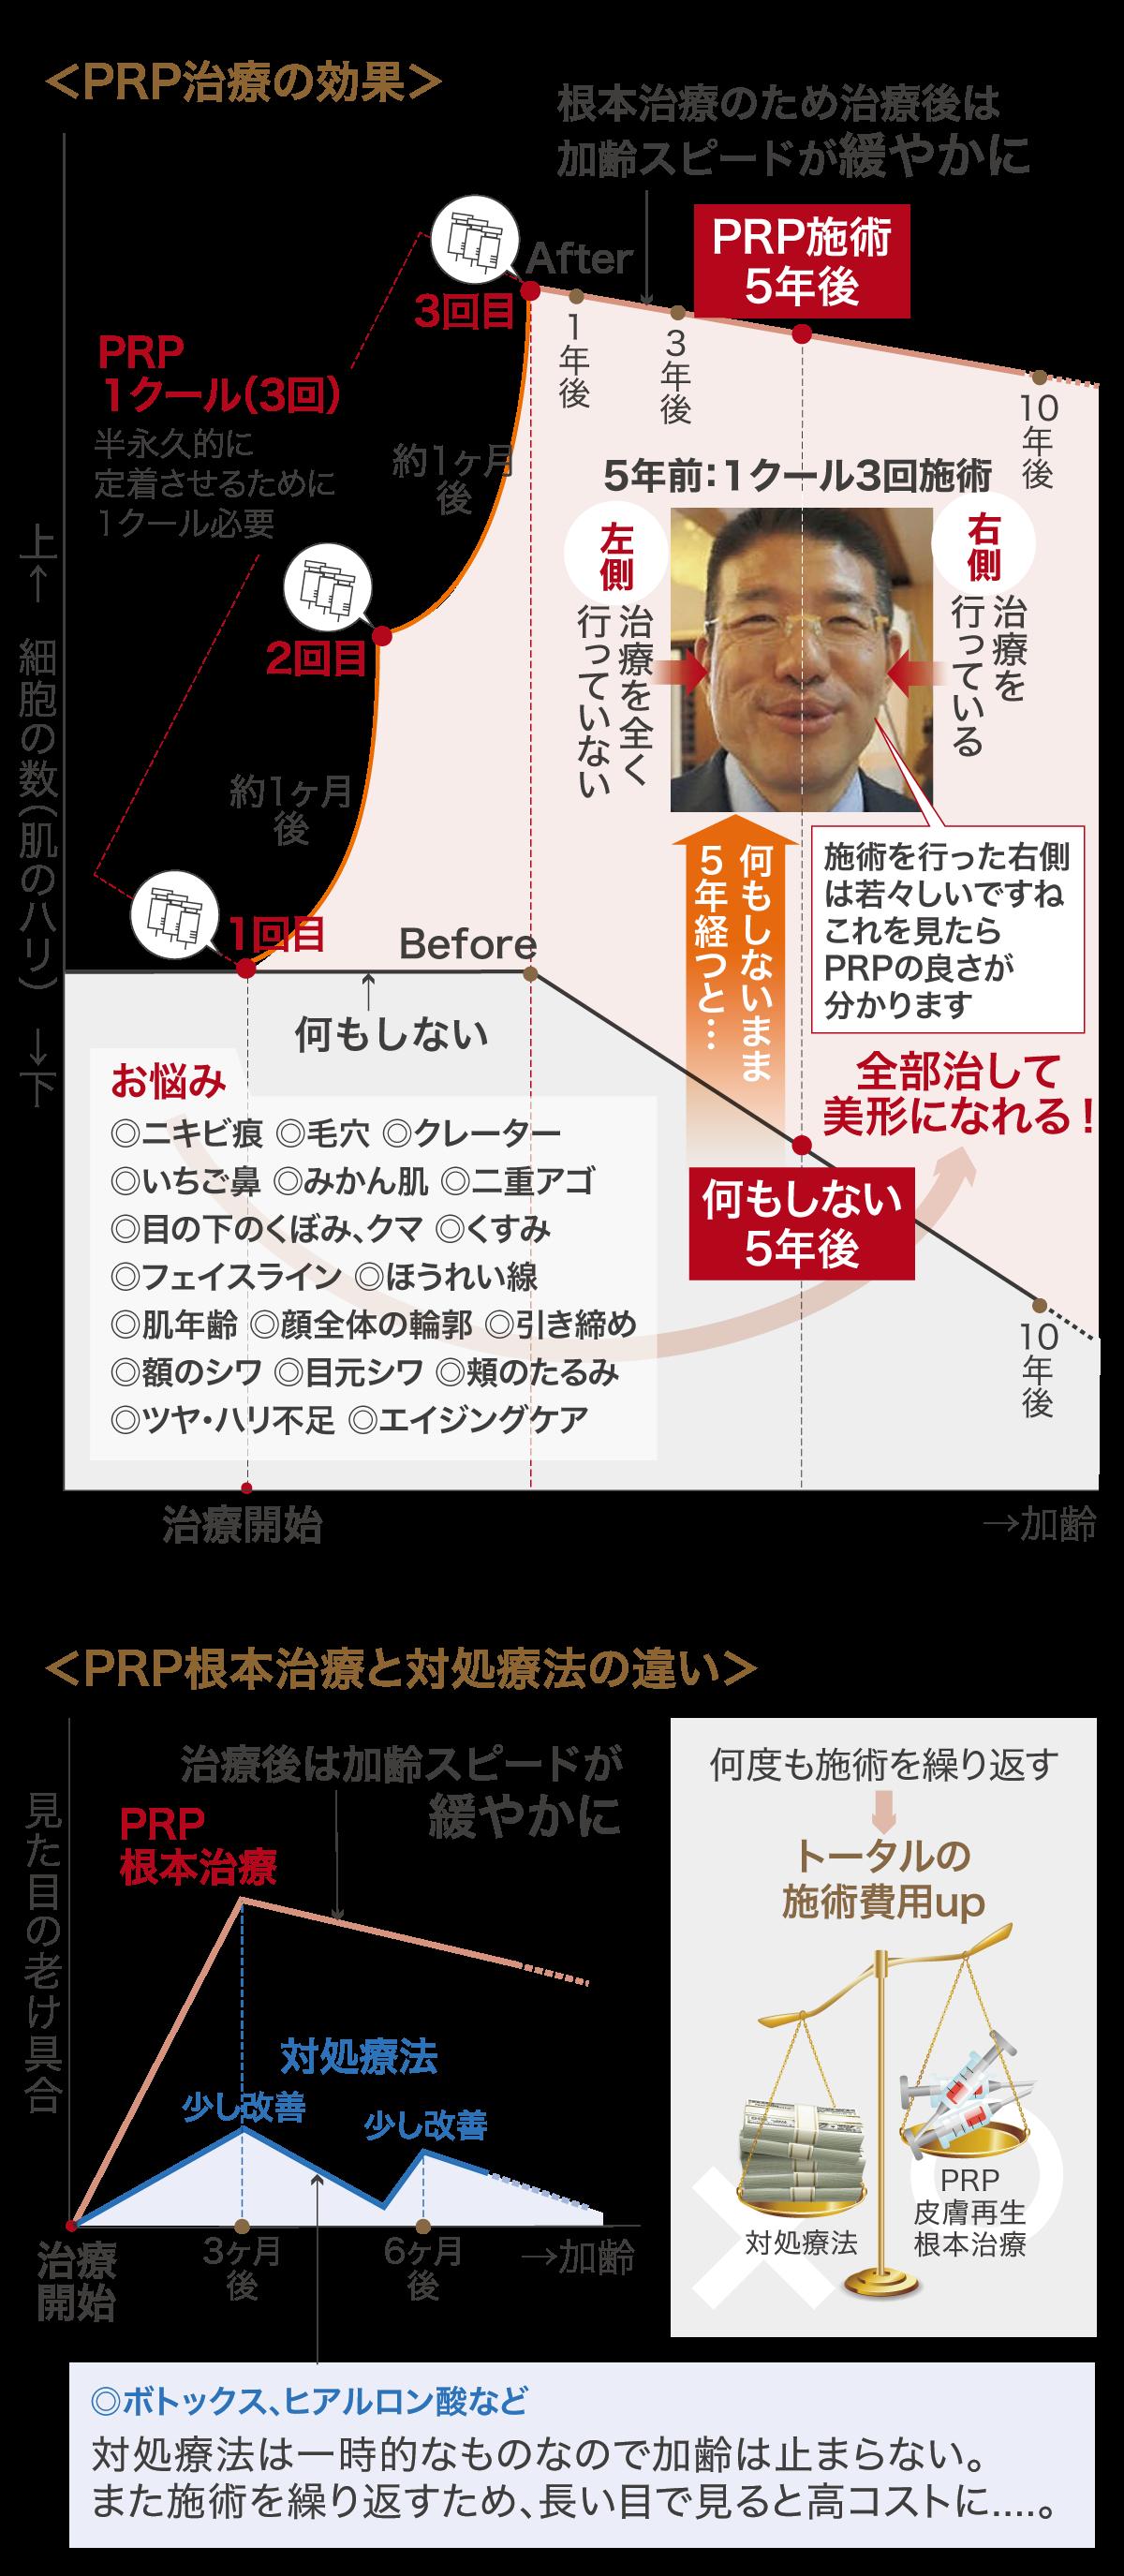 PRPの効果図